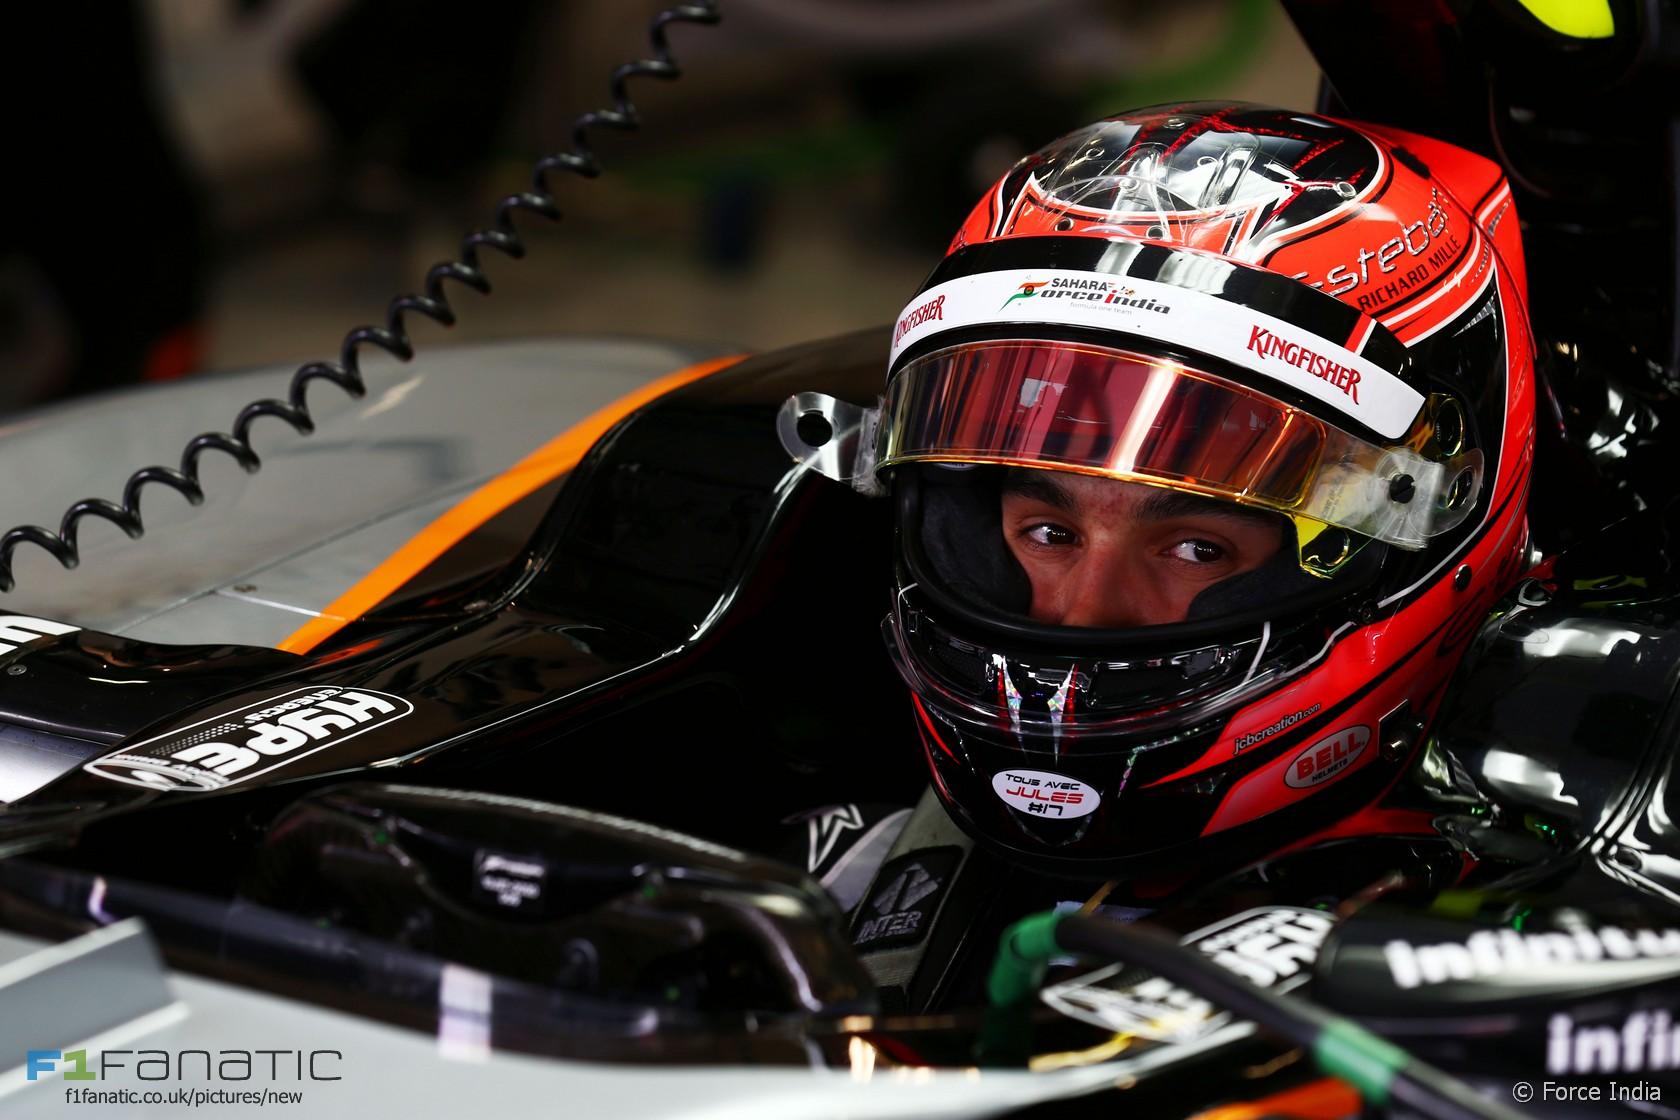 Esteban Ocon, Force India, Red Bull Ring, 2015